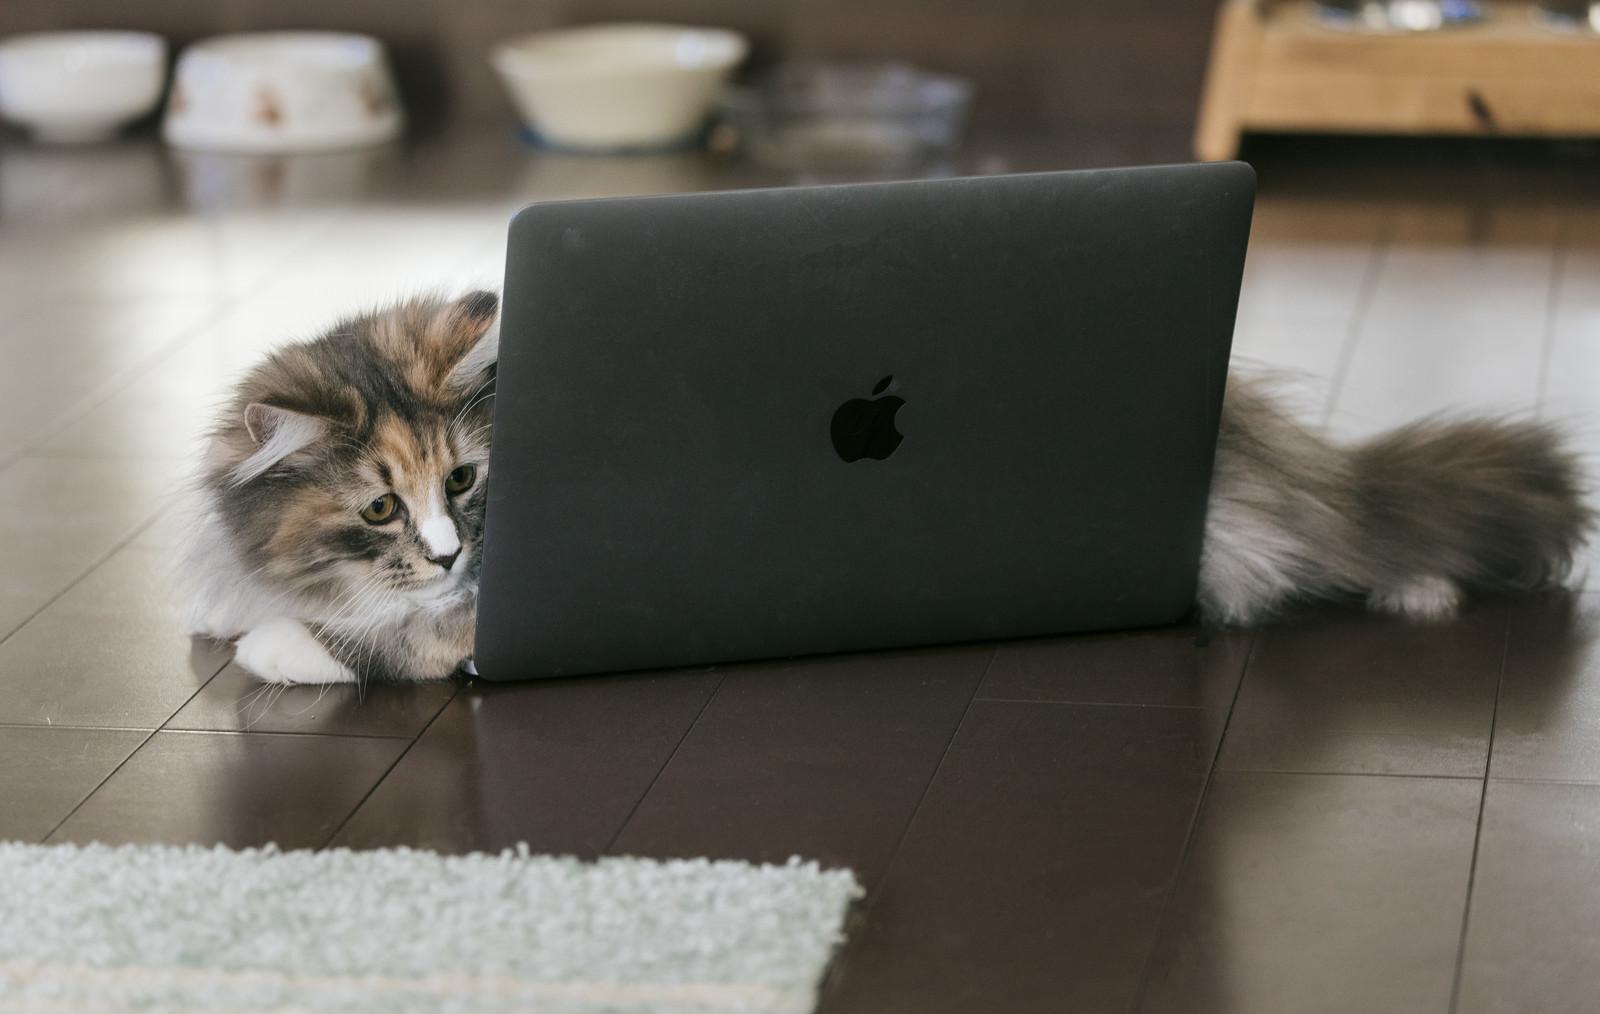 MacBookの上に横たわる猫のフリー画像